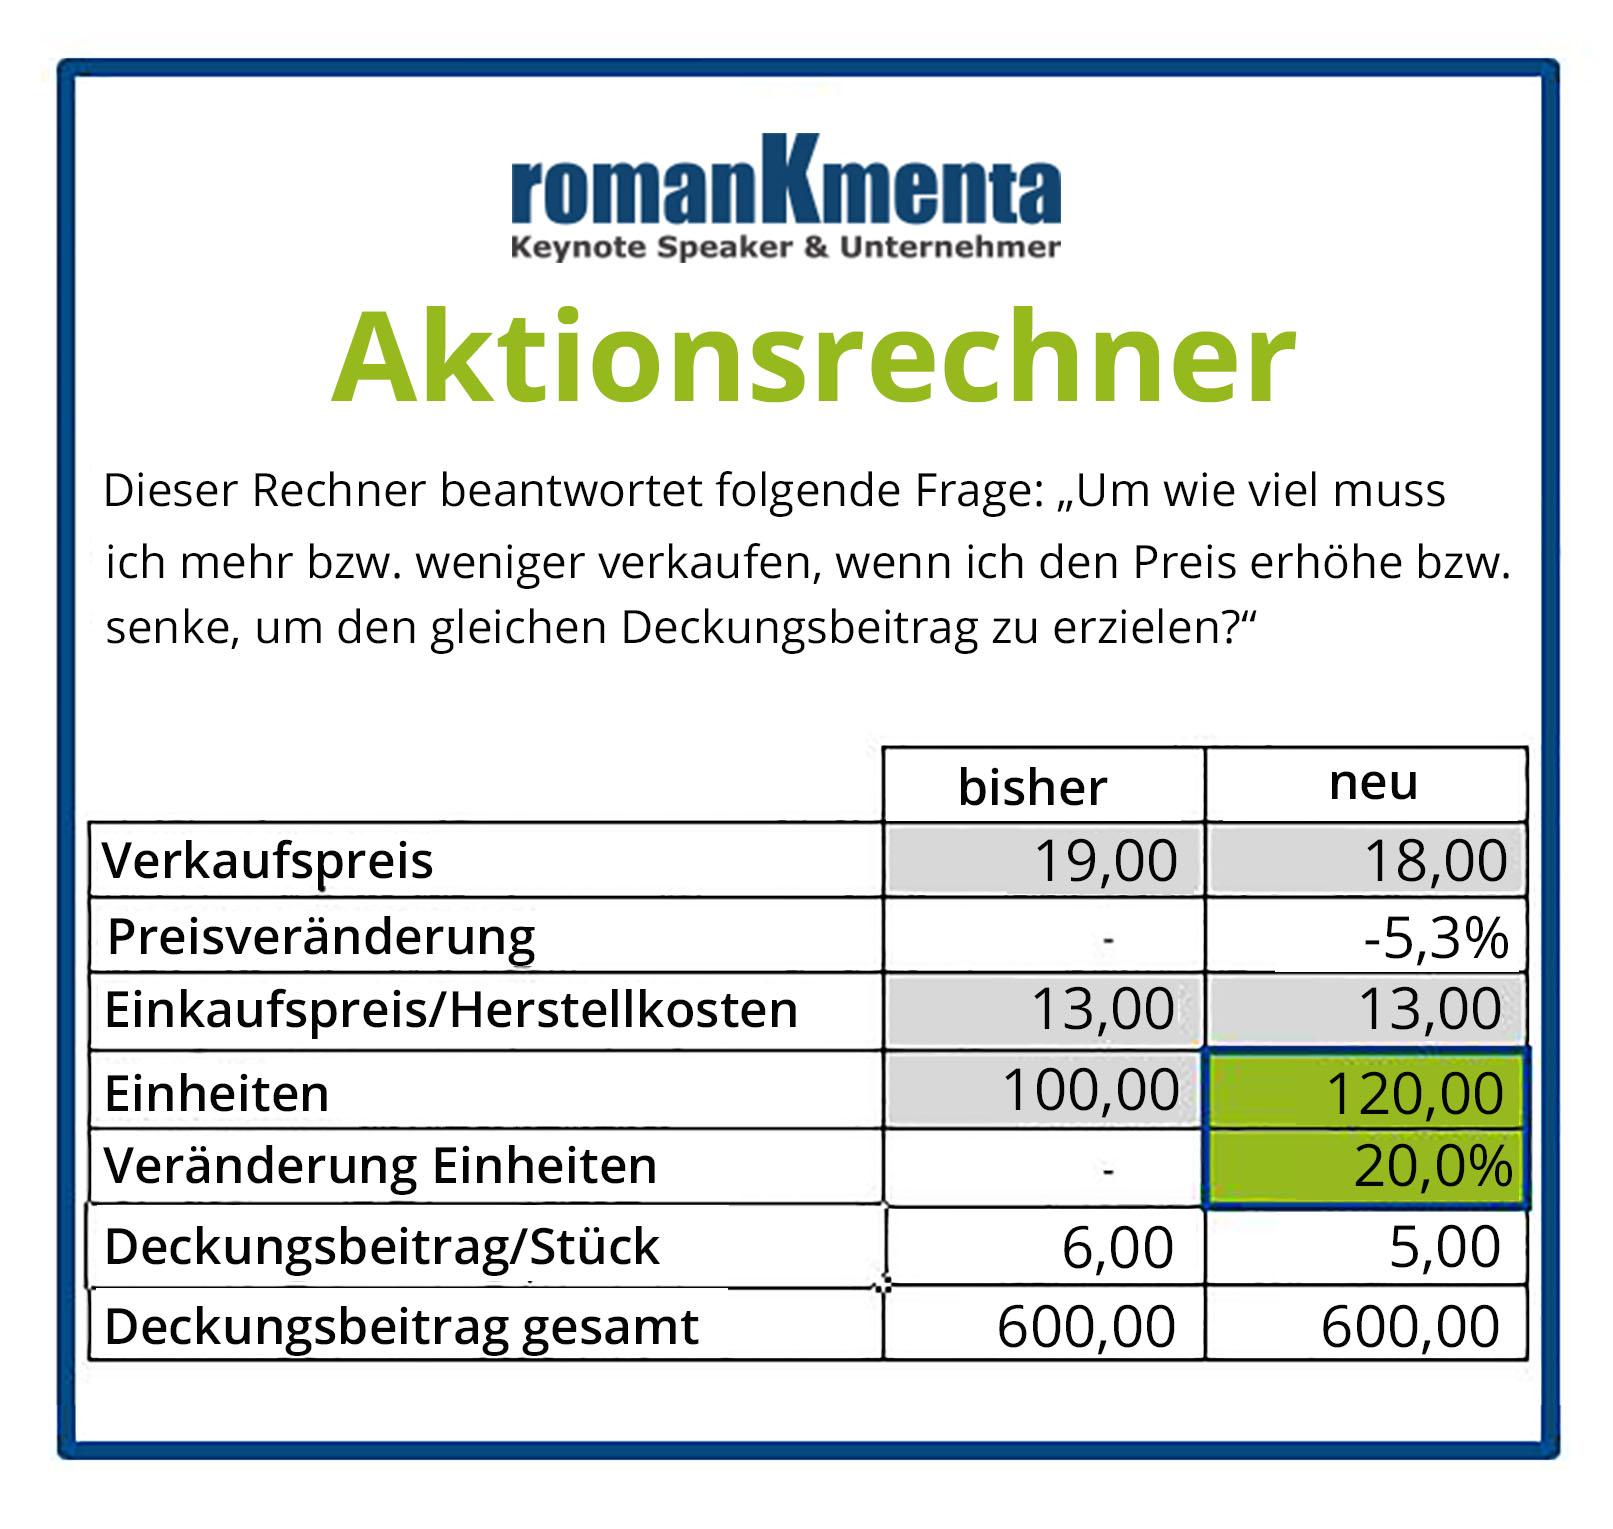 Aktionsrechner - Roman Kmenta- Unternehmer und Keynote Speaker